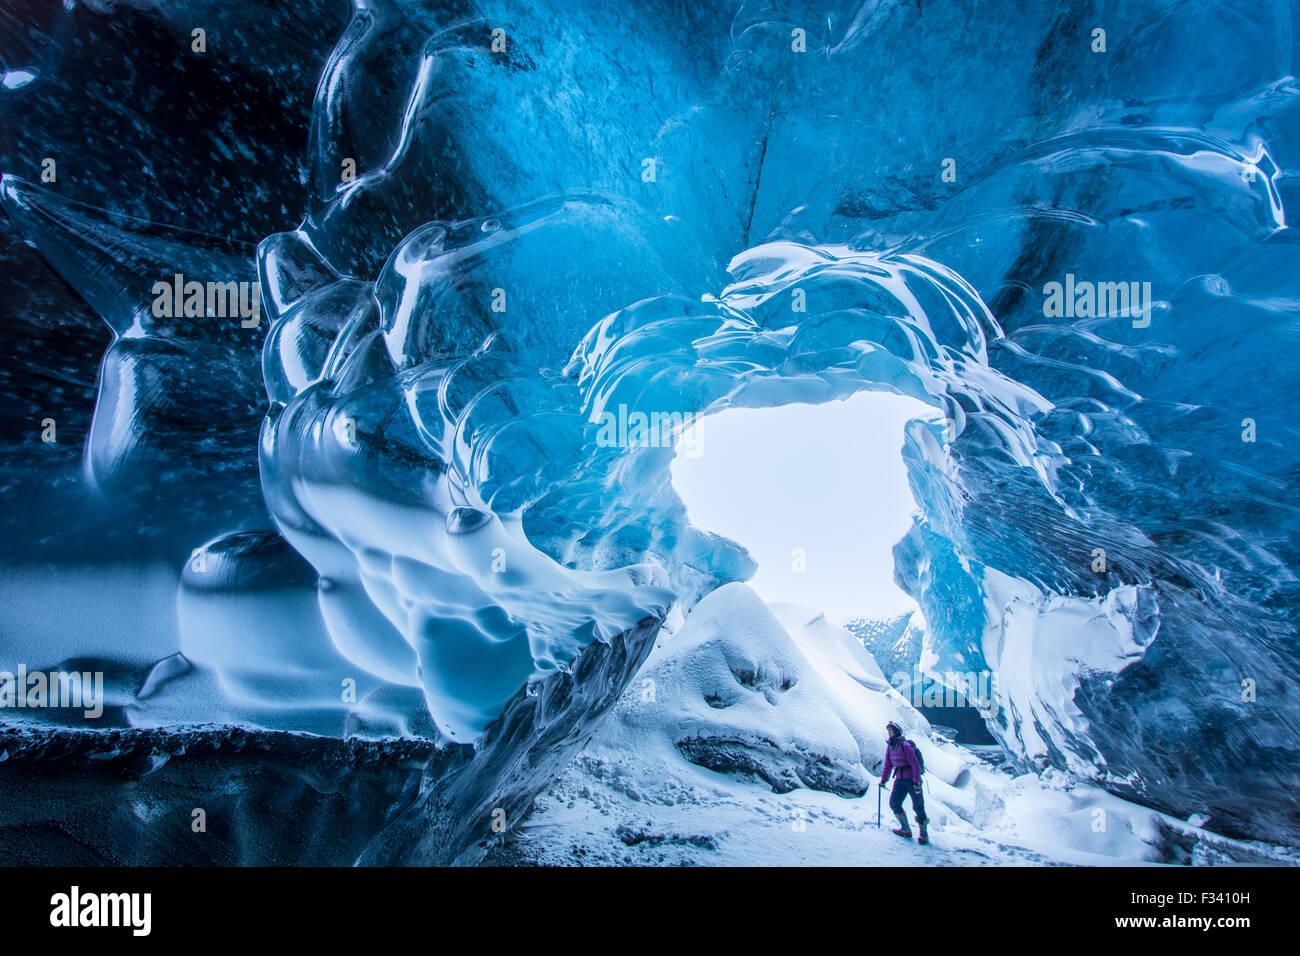 La Sra. Wendy Noton hollar confiadamente en una cueva de hielo debajo del Glaciar Breidamerkurjokull, este de Islandia Foto de stock